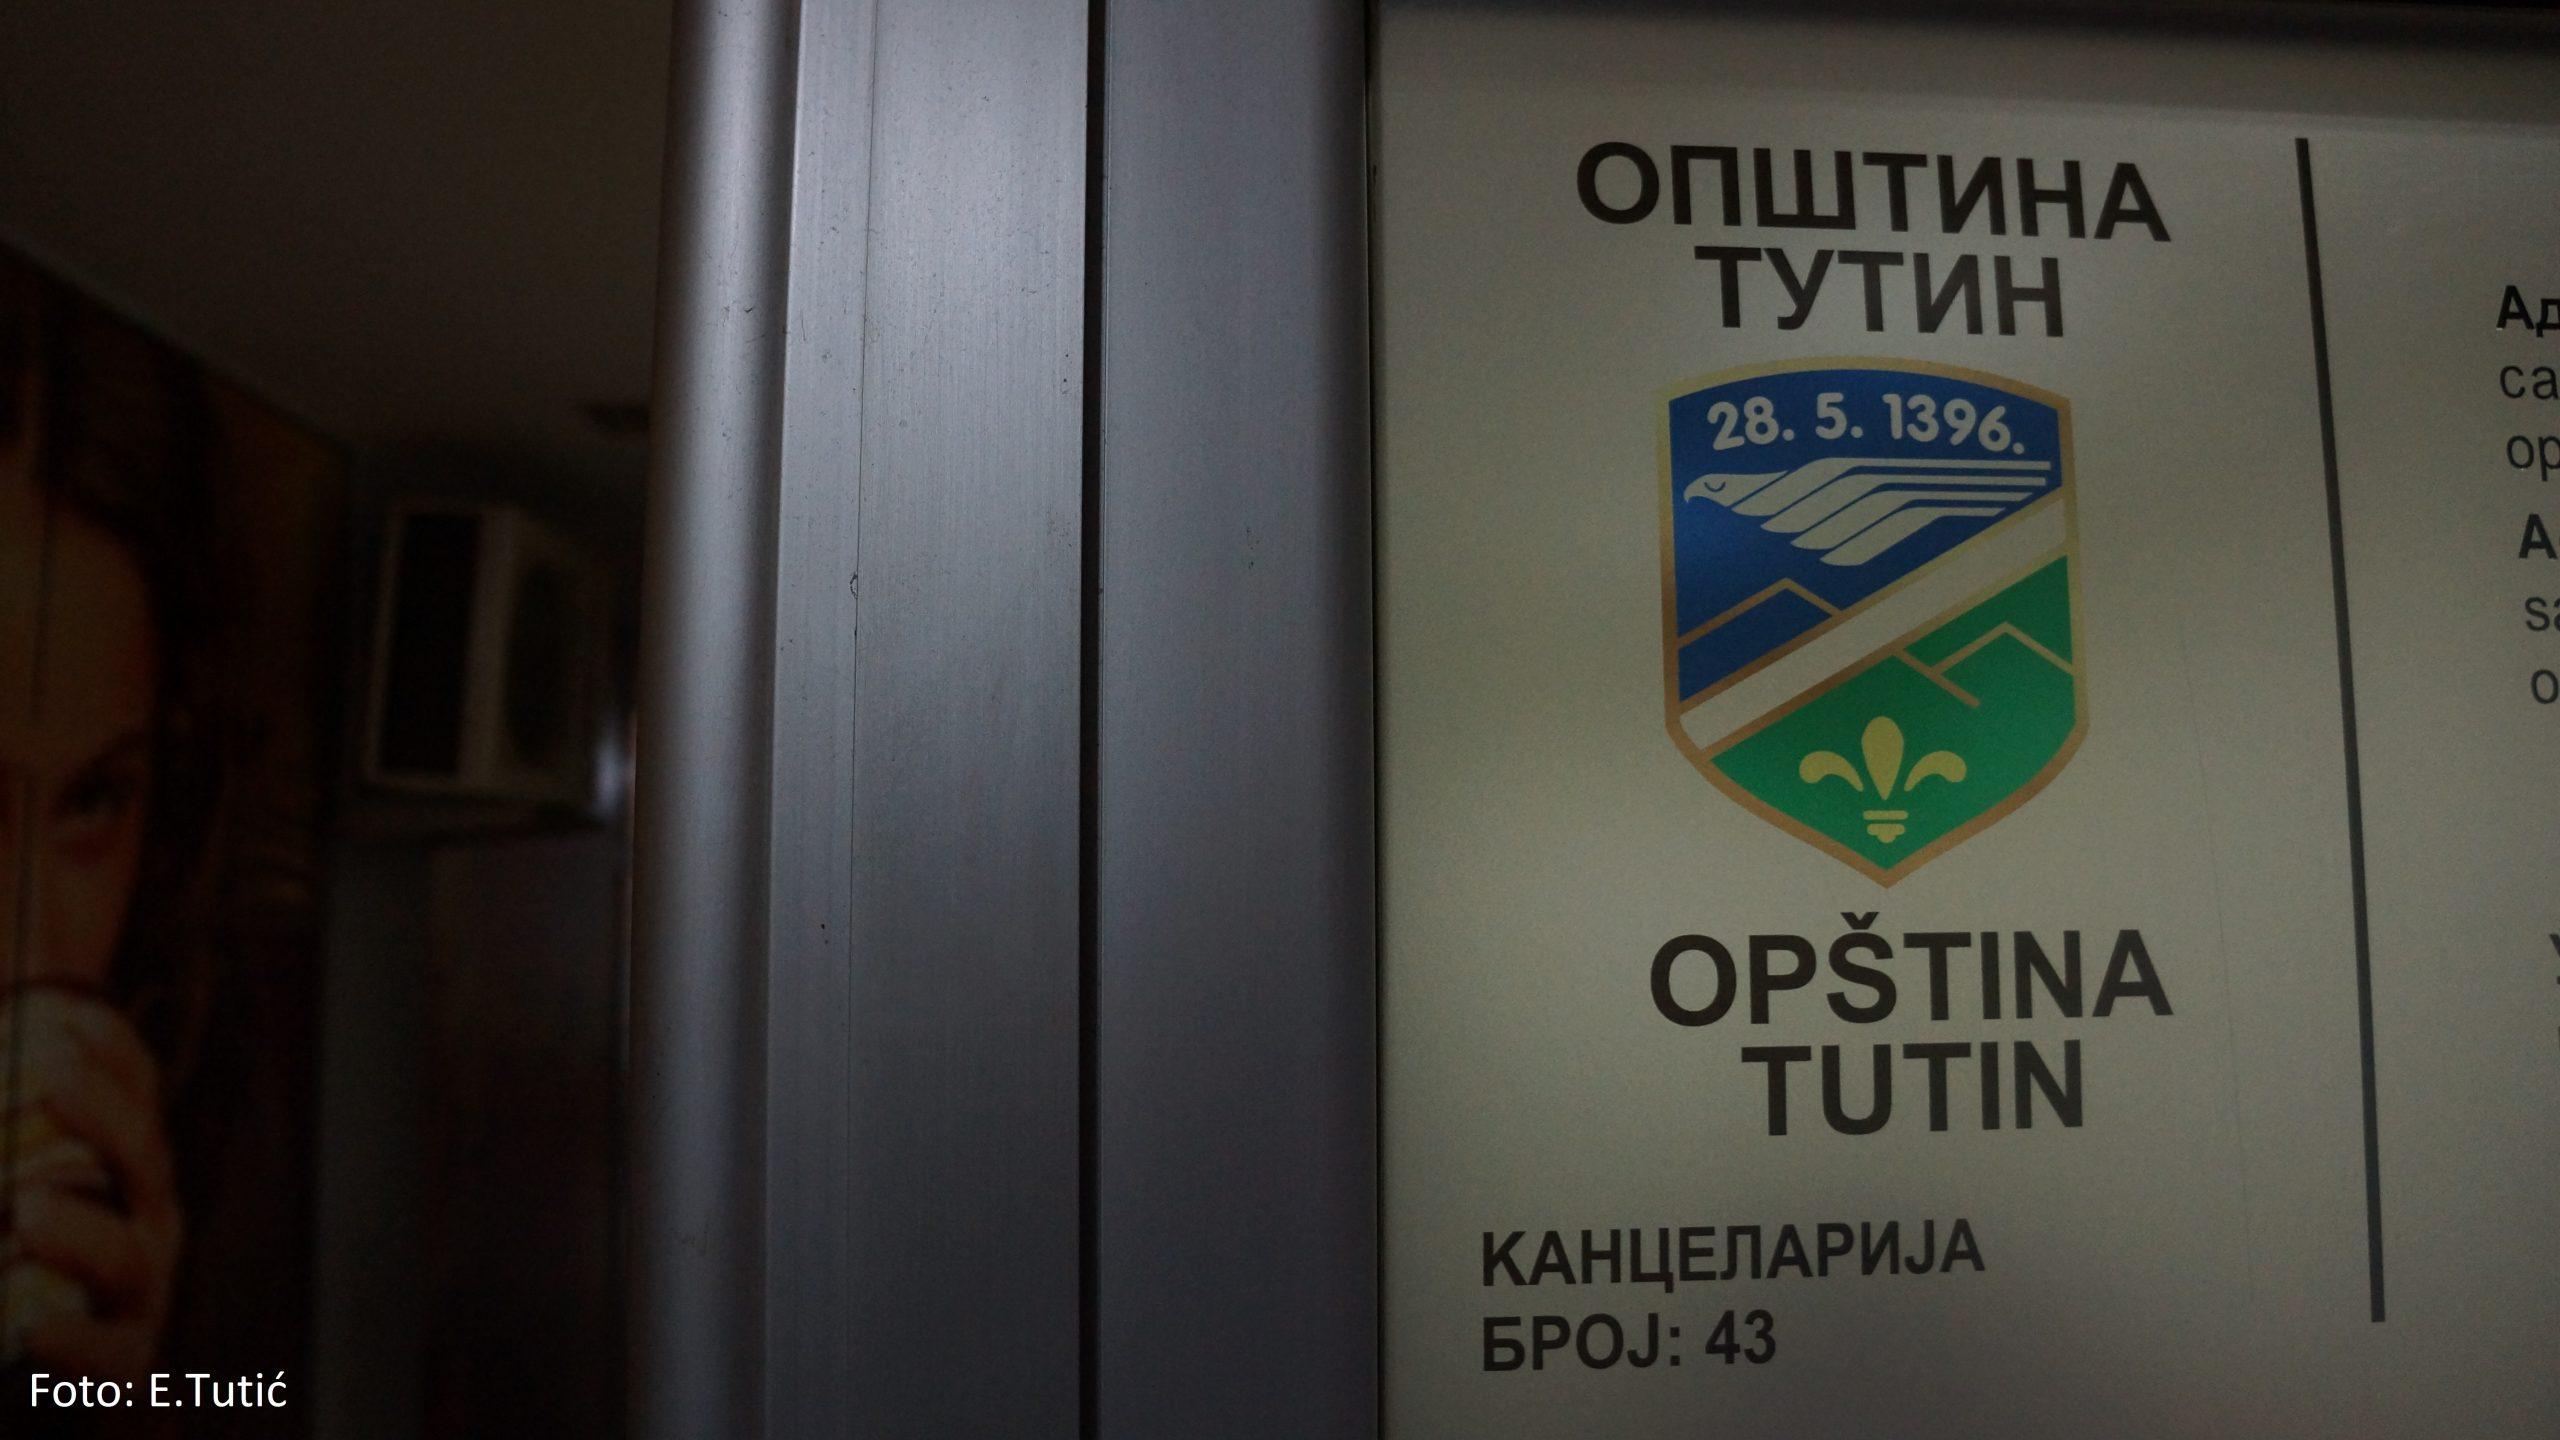 Opština Tutin